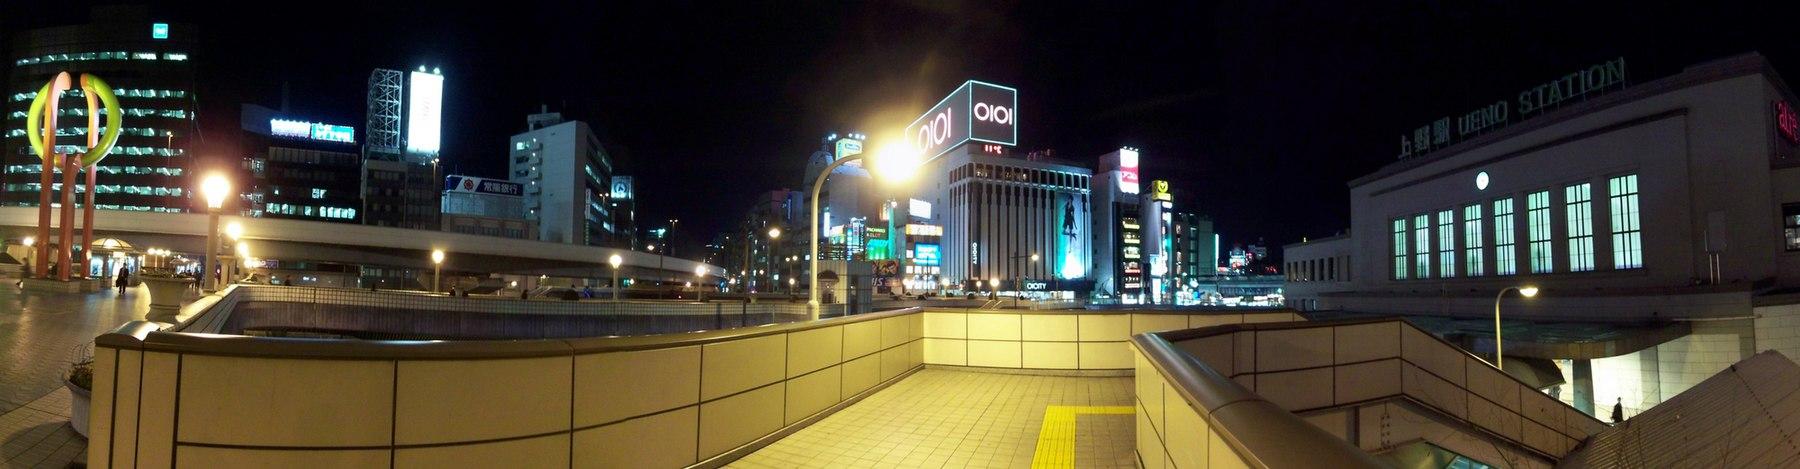 Ueno Station At Night - panoramio.jpg